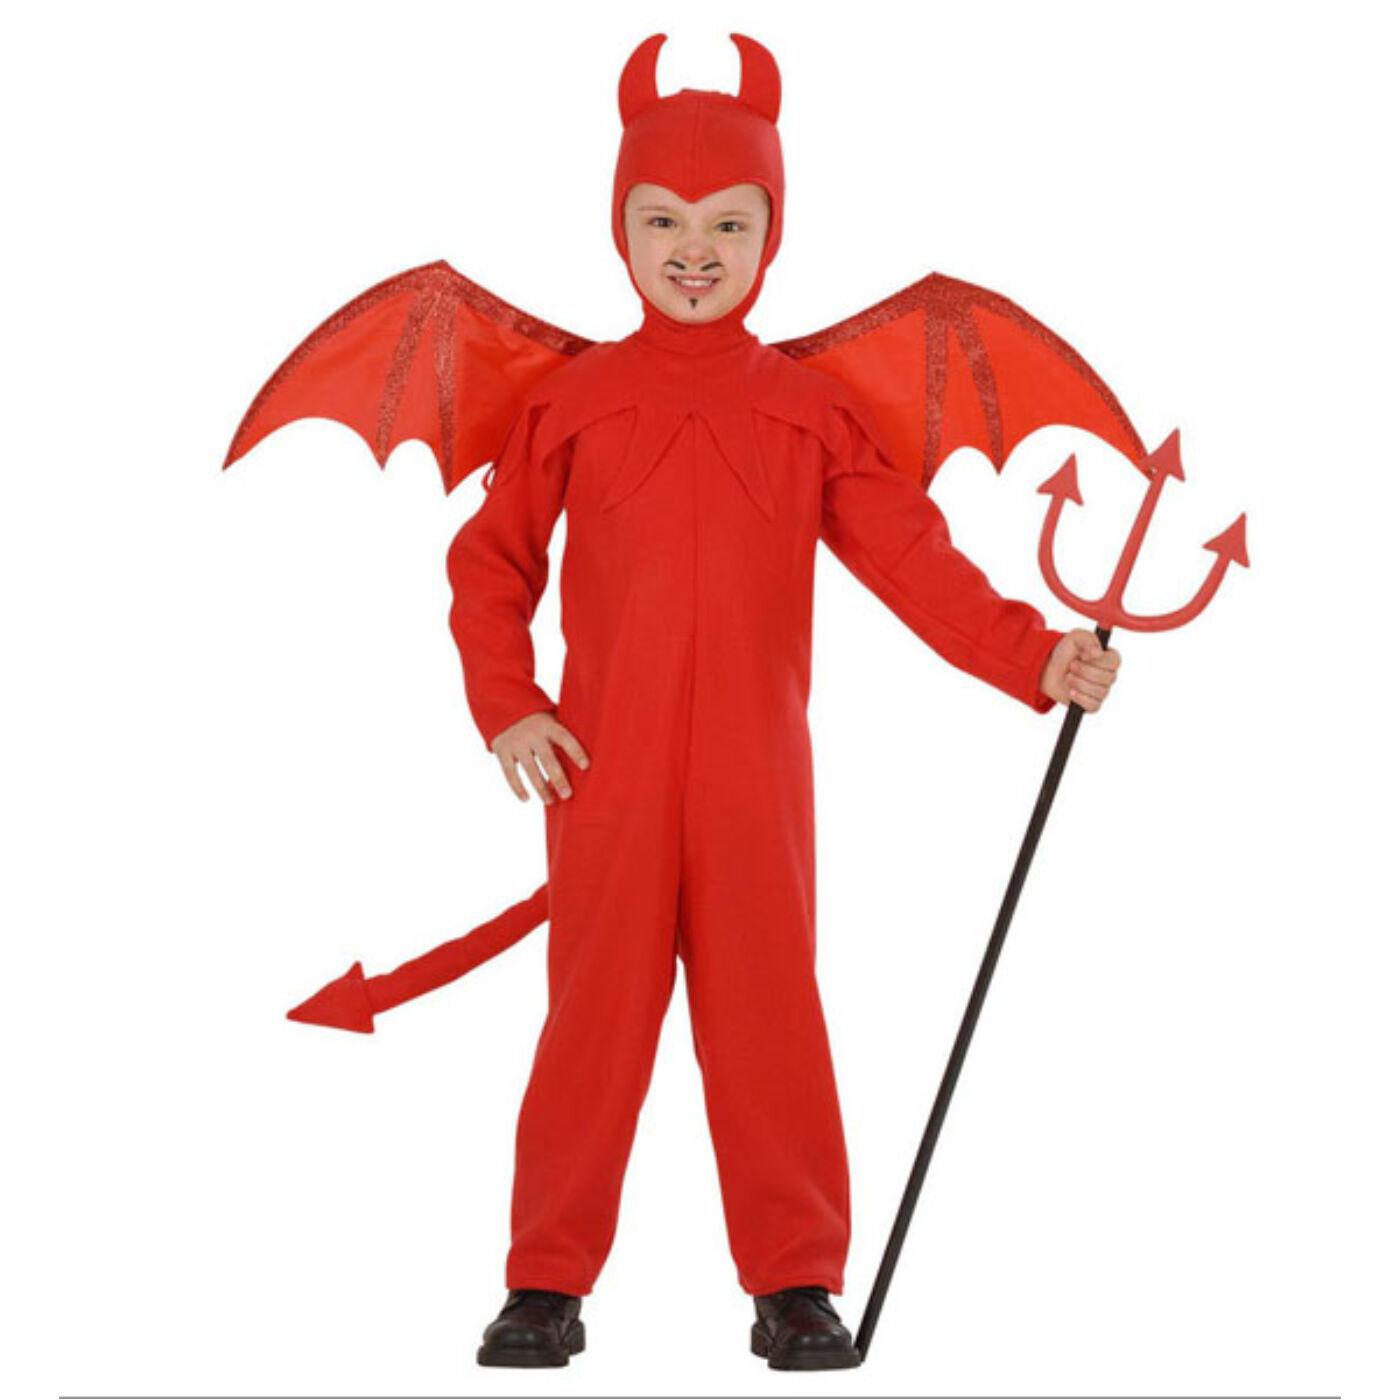 Ördög jelmez 116-os